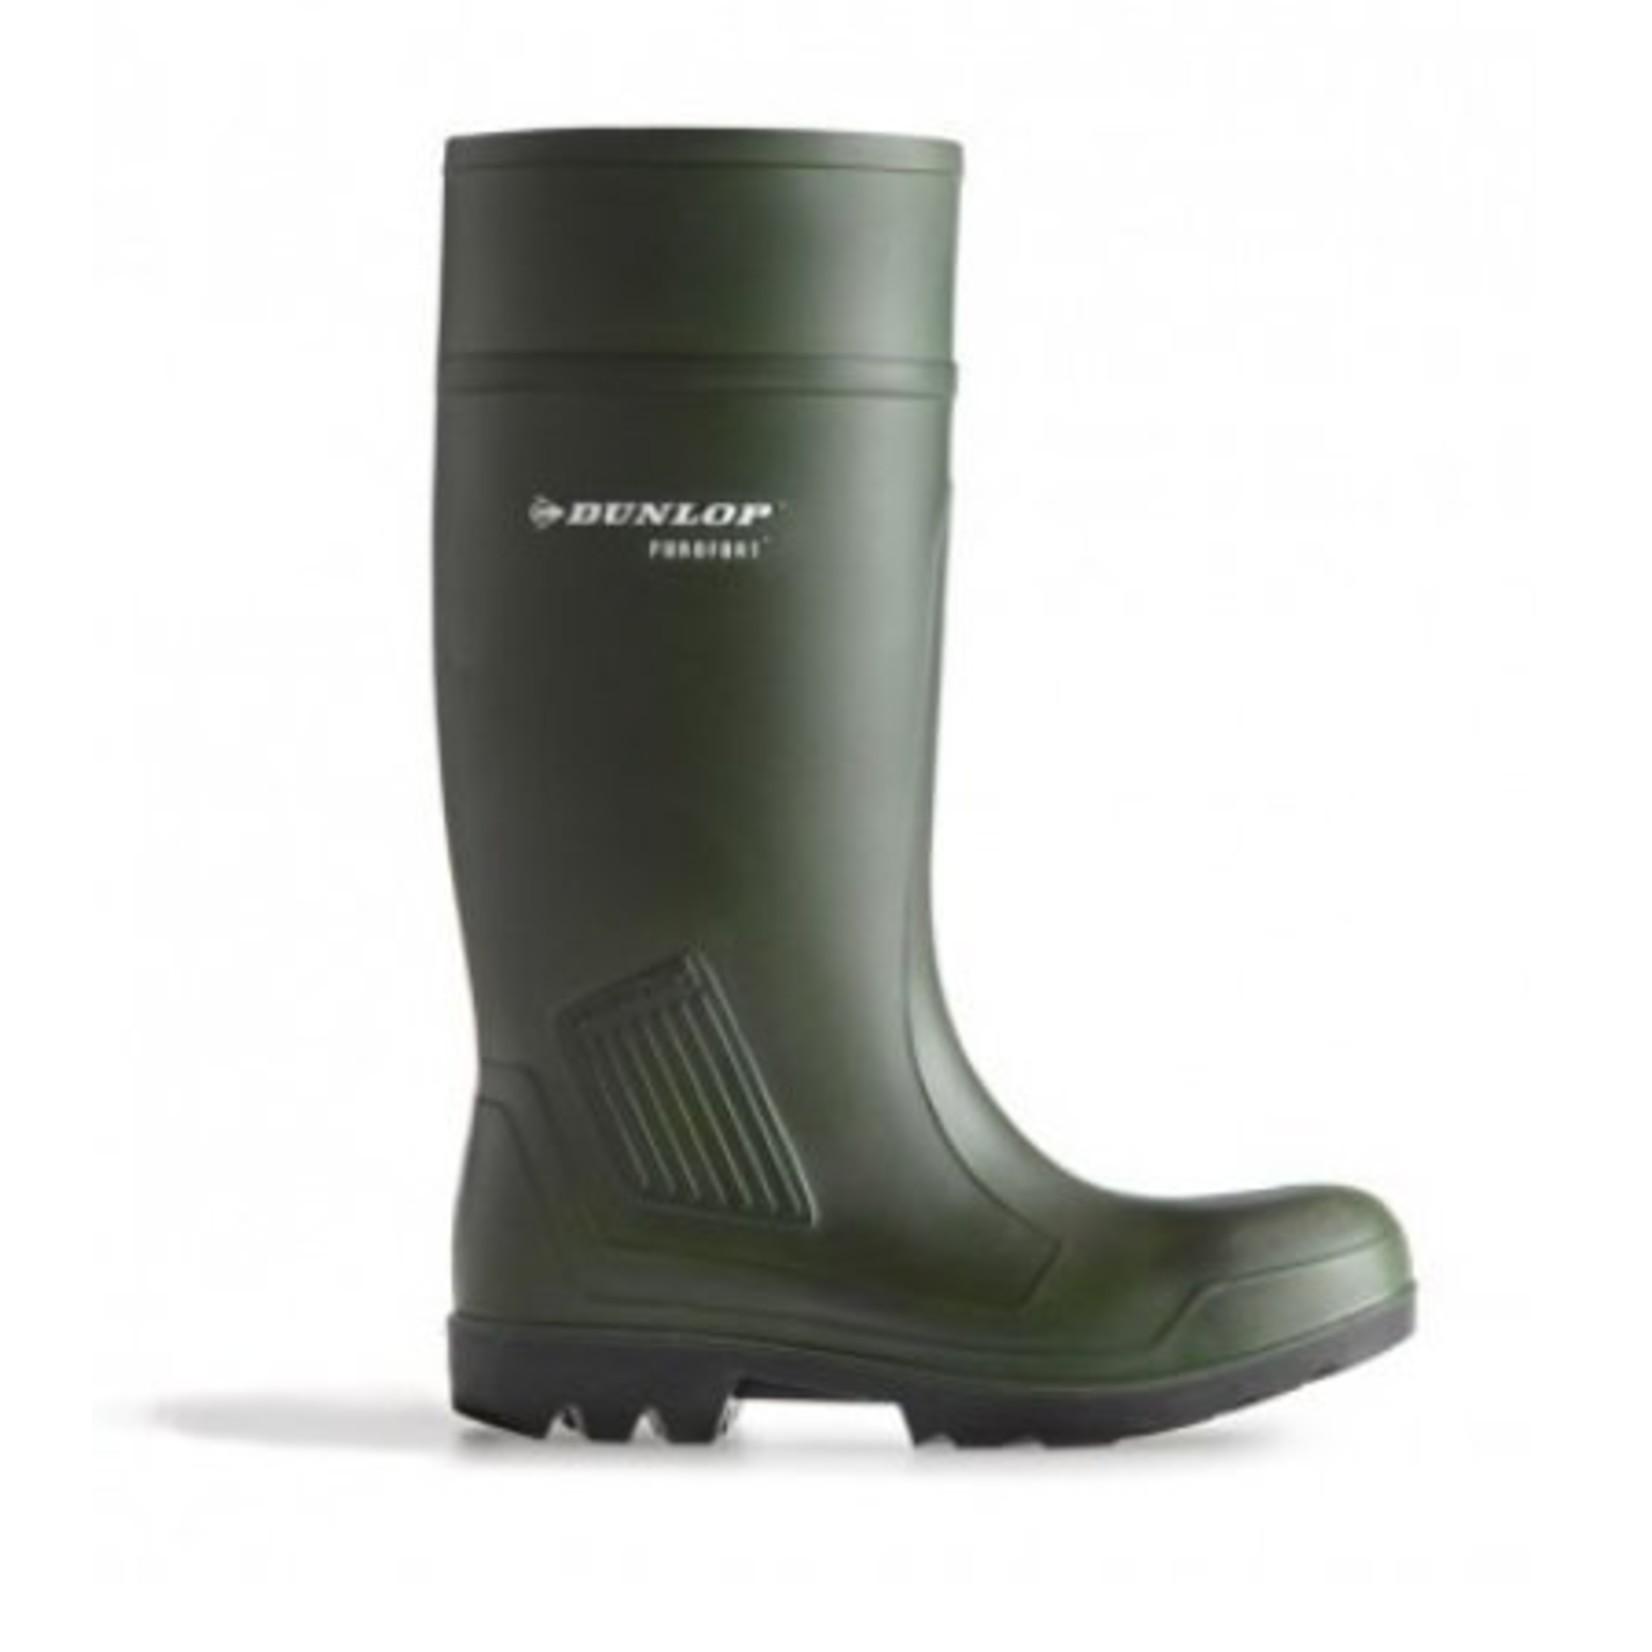 Dunlop Dunlop C462933 S5